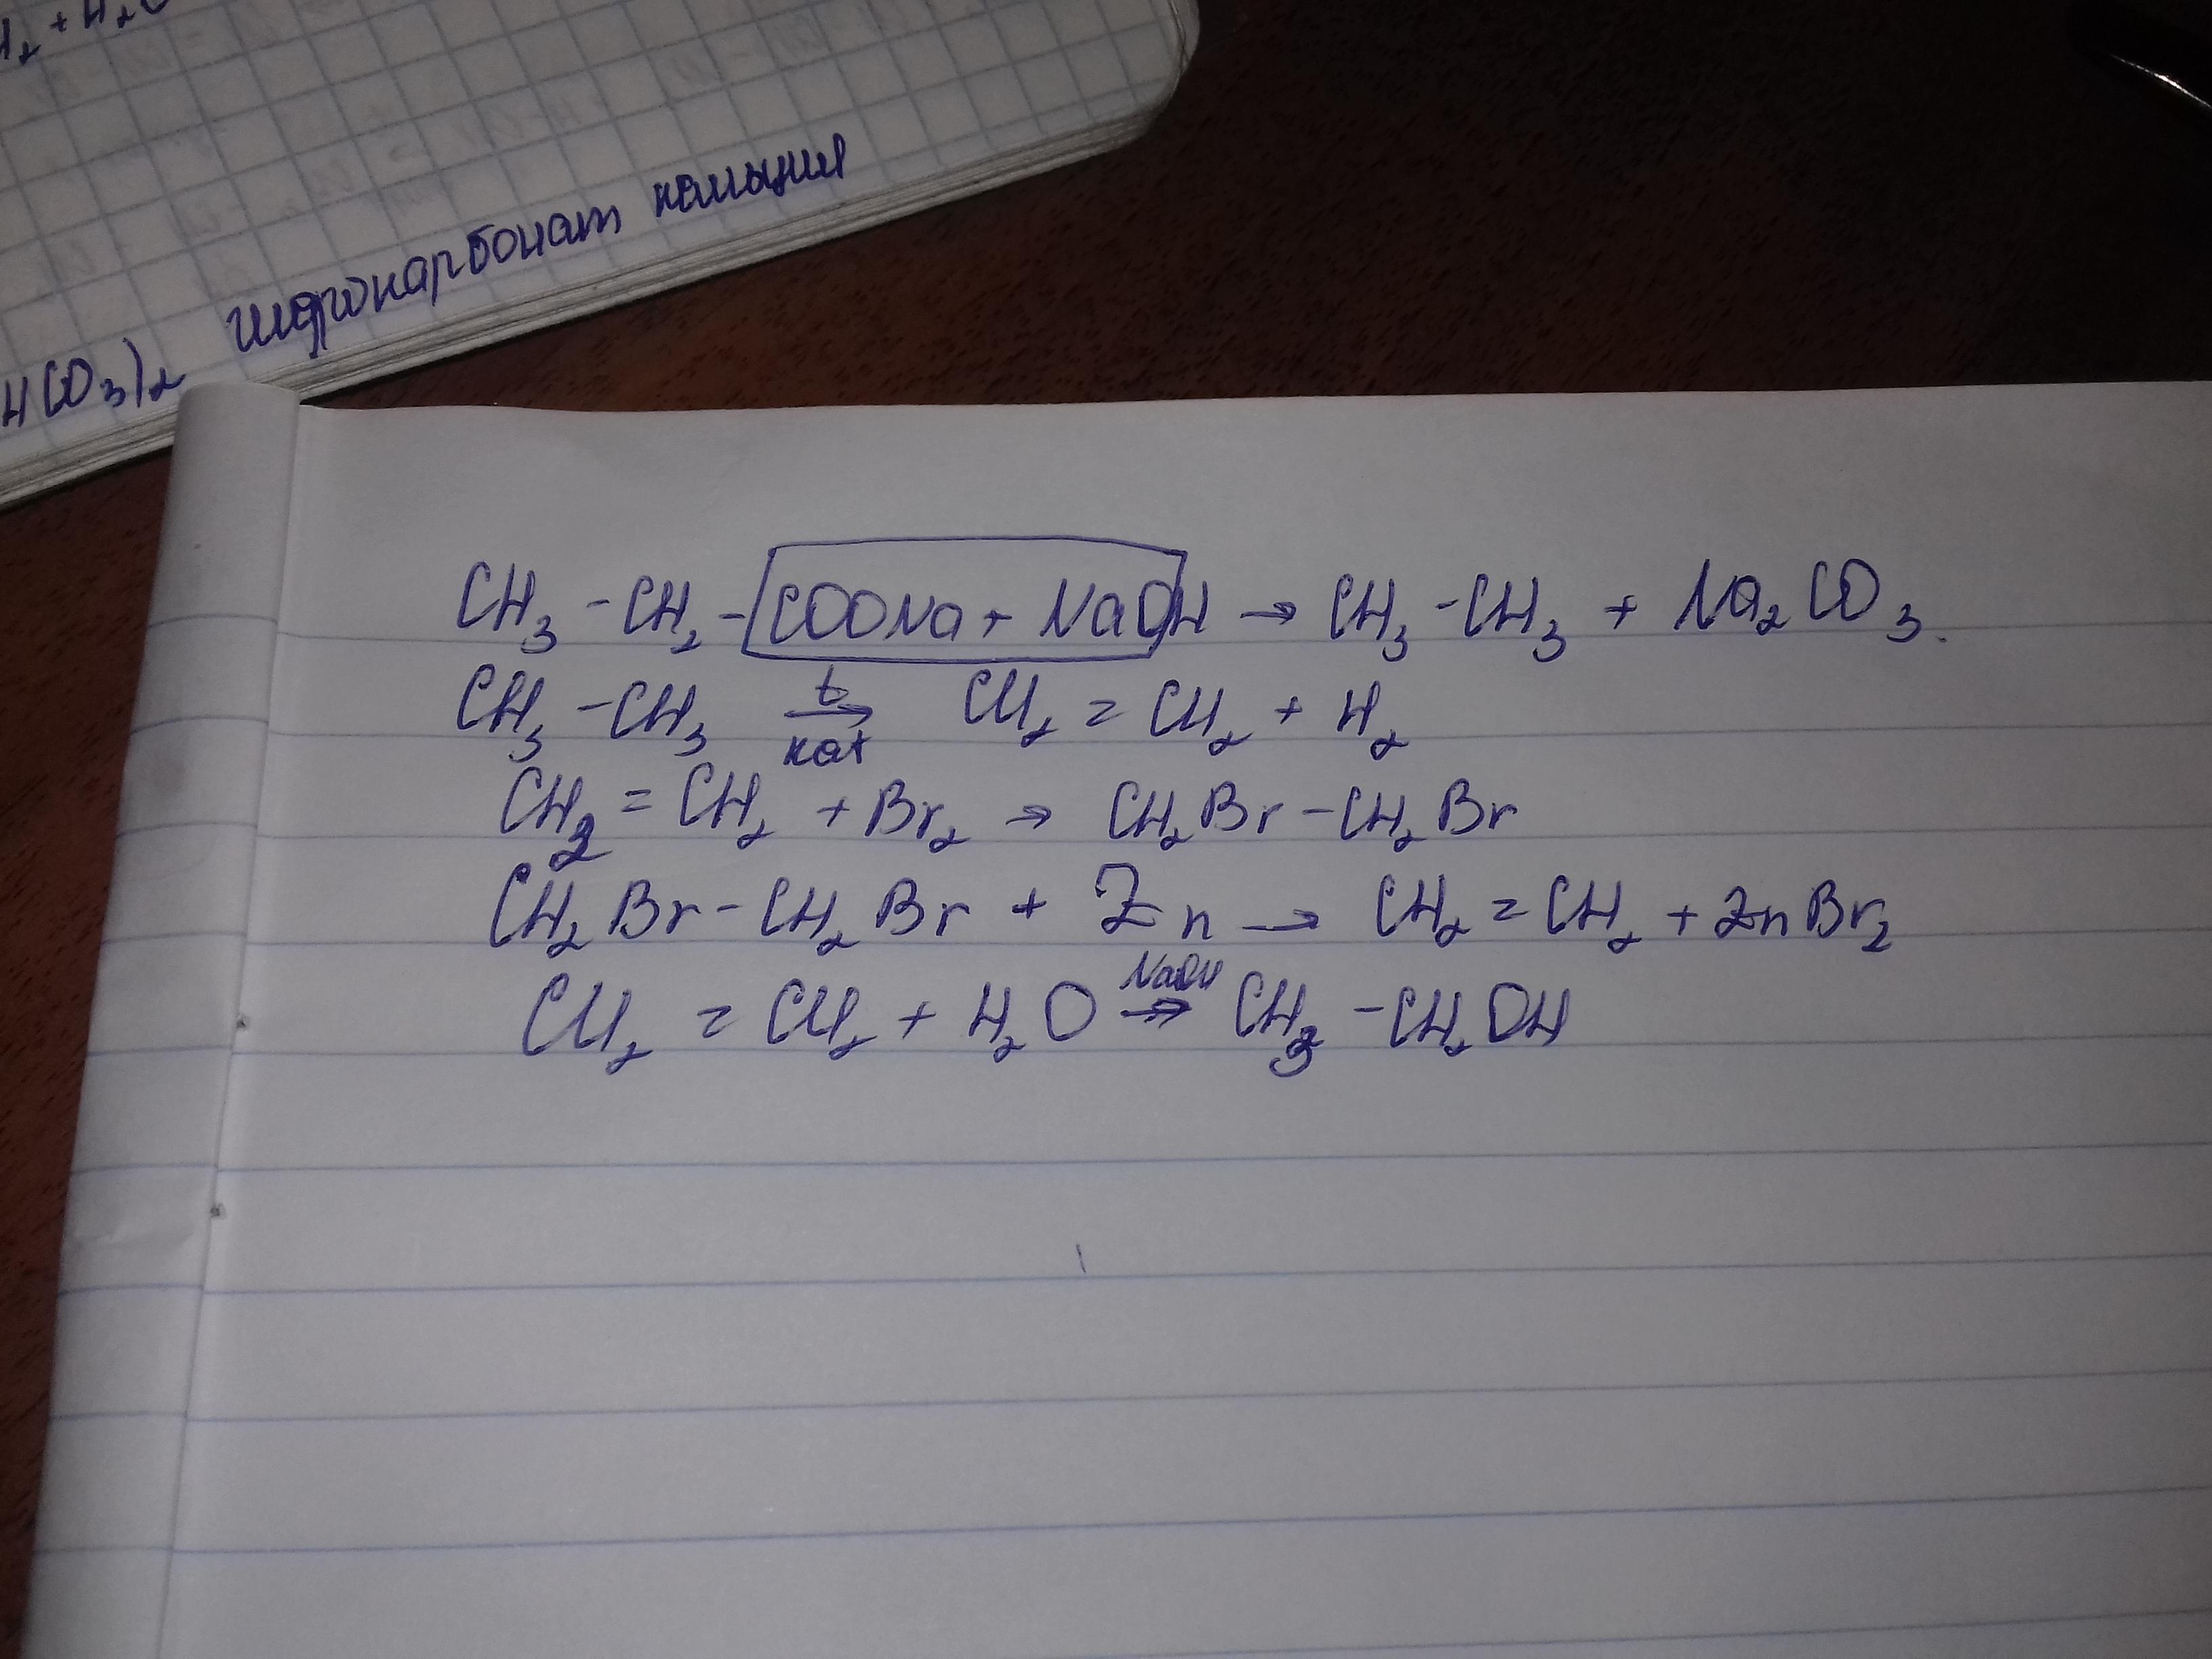 эффективный как получить 2-хлорпропан из пропена и пропина вопрос, как